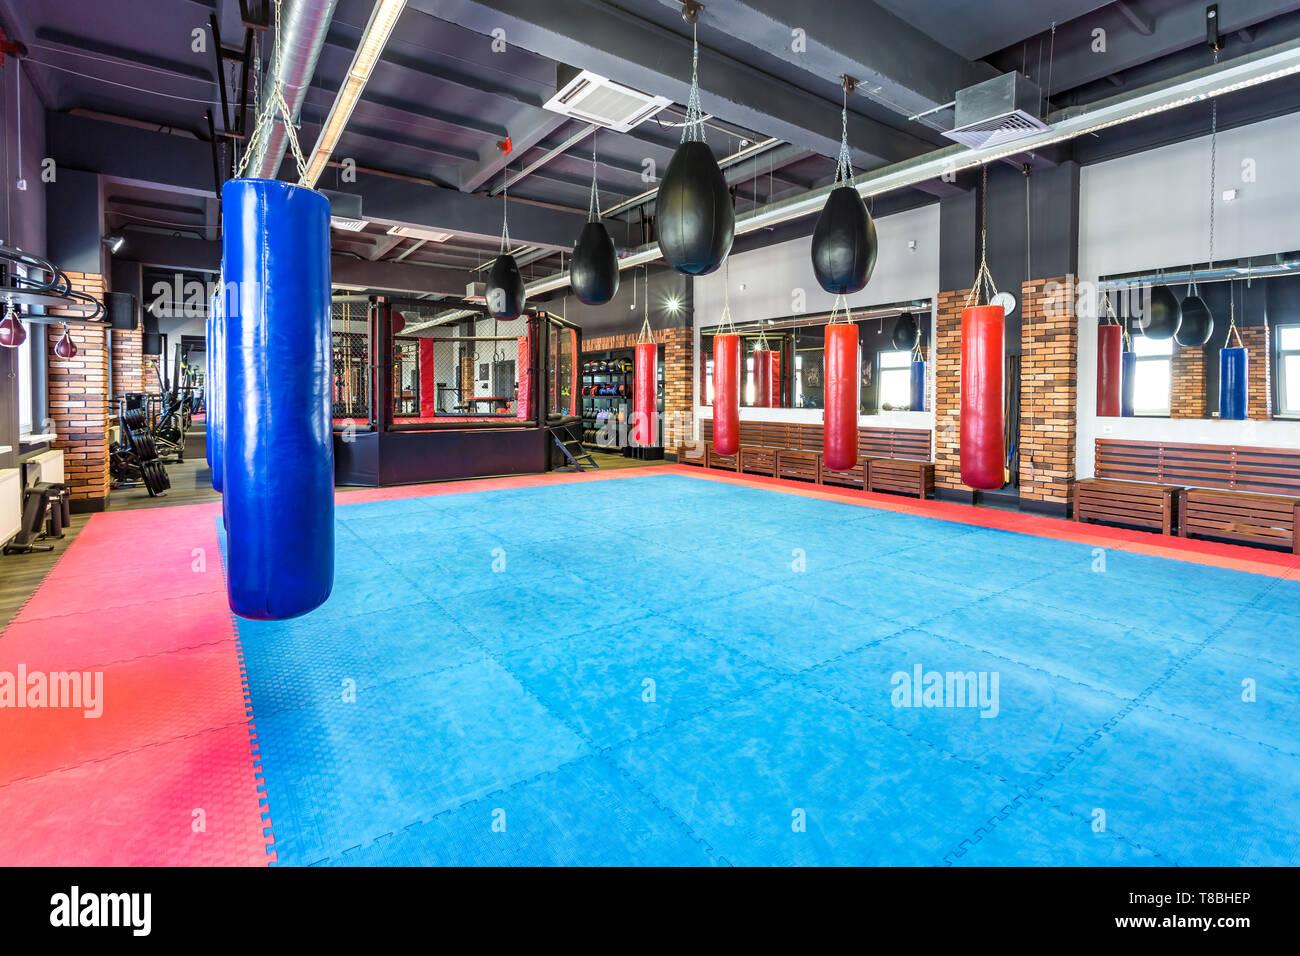 GRODNO, BIELORRUSIA - Abril 2019: Salón de artes marciales con los combates de anillo y saco de arena en el club de la lucha moderna Imagen De Stock